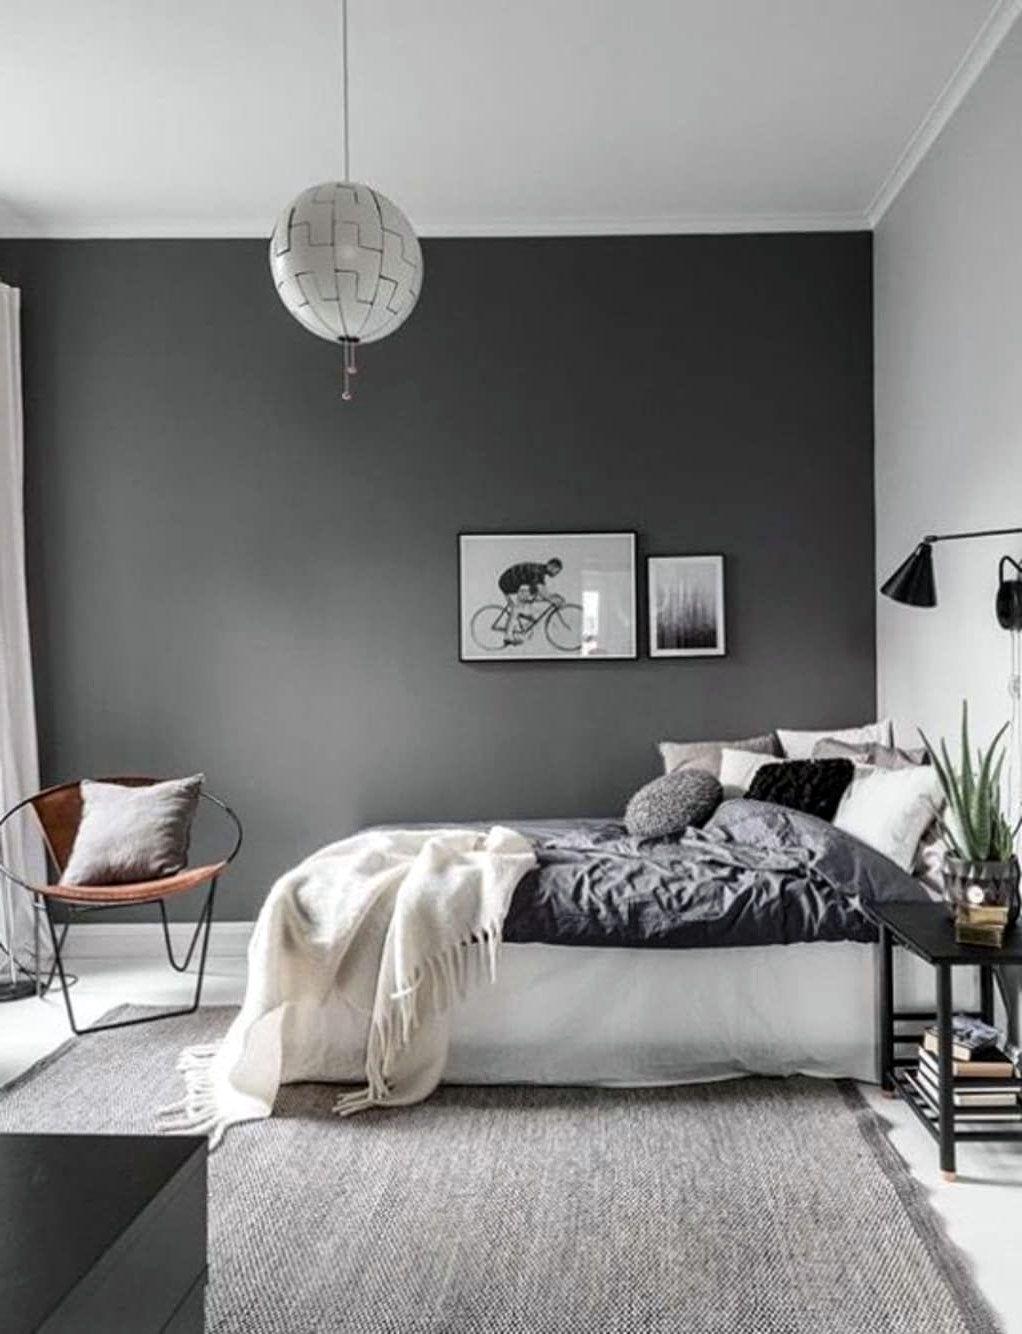 10 Extraordinary Scandinavian Interior Bedroom Lighting Ideas in